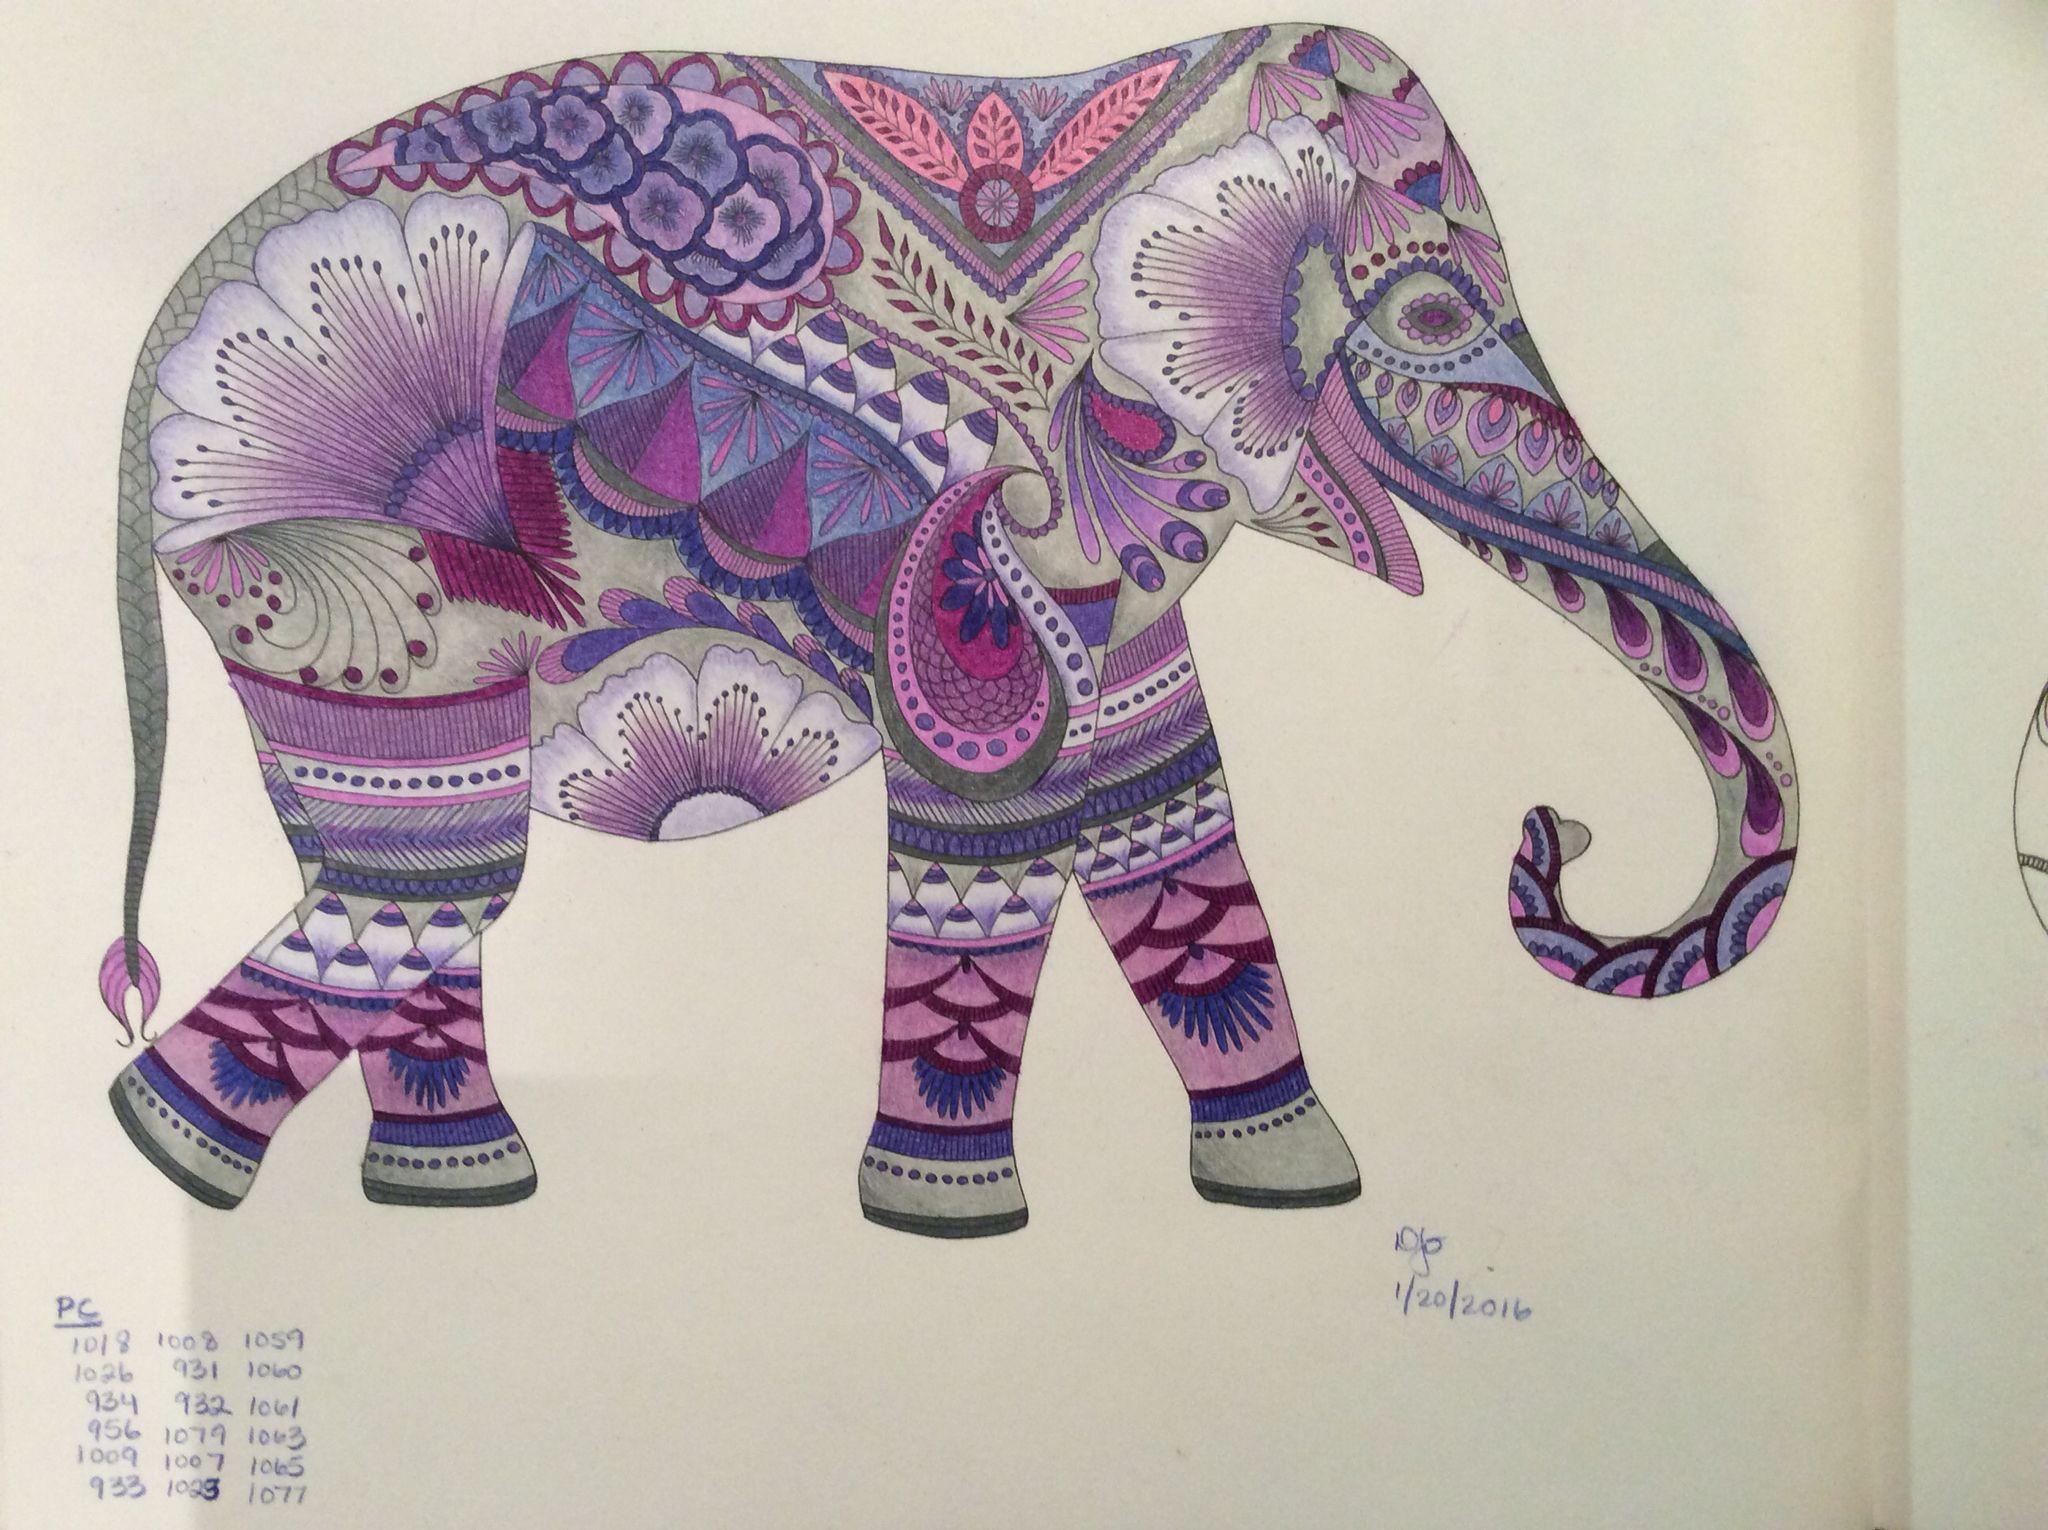 coloring i 39 ve completed elephant animal kingdom millie marotta in 2019 elephant crafts. Black Bedroom Furniture Sets. Home Design Ideas